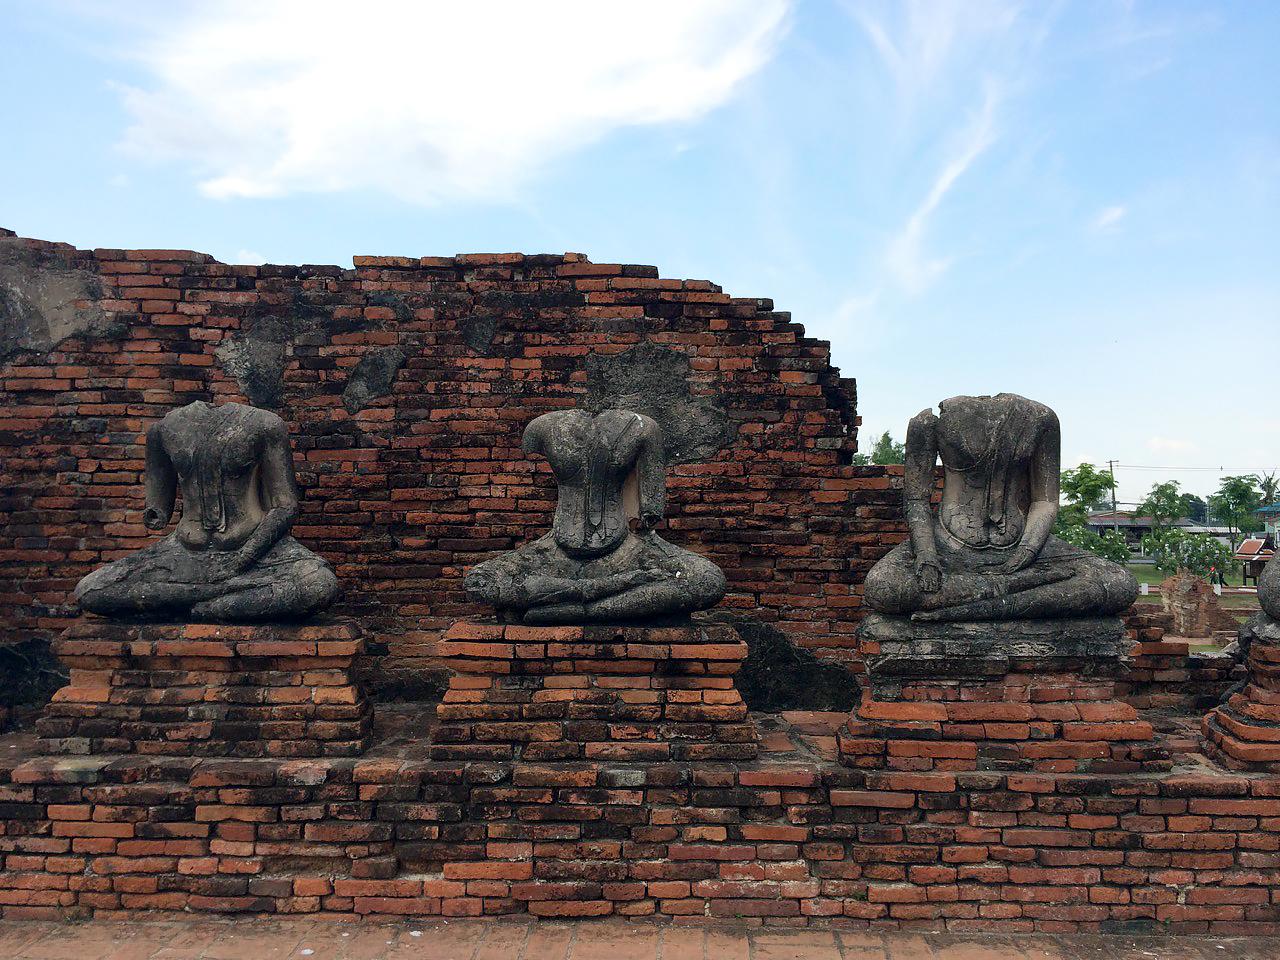 Путешествие по Таиланду, Аюттхая: Будды без голов